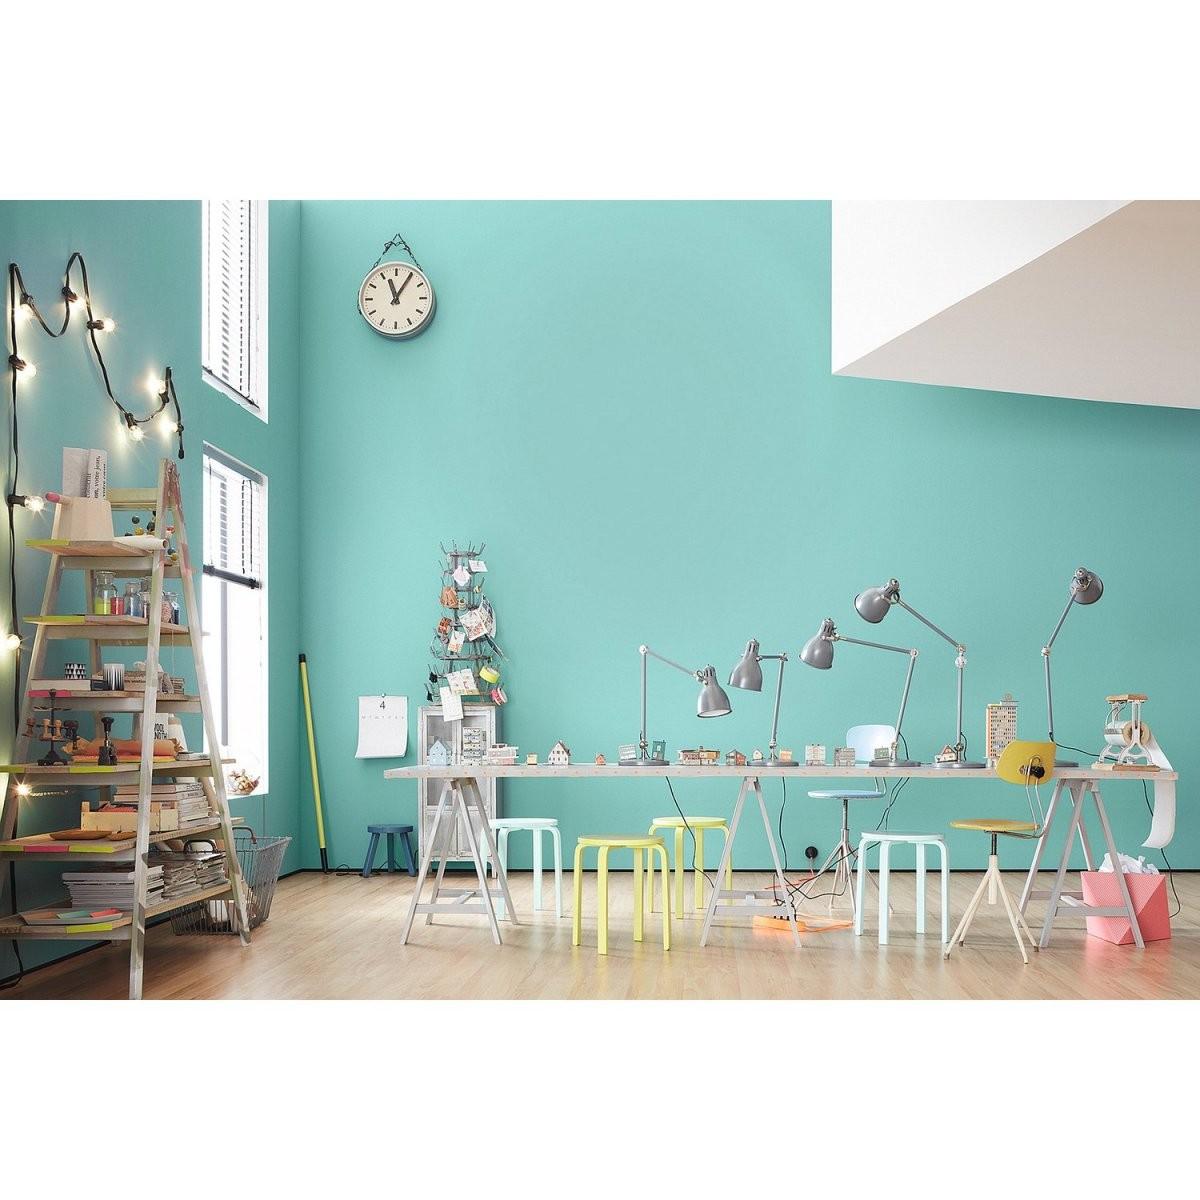 Schöner Wohnen Trendfarbe Tester Frozen Matt 50 Ml Kaufen Bei Obi von Schöner Wohnen Trendfarbe Tester Bild